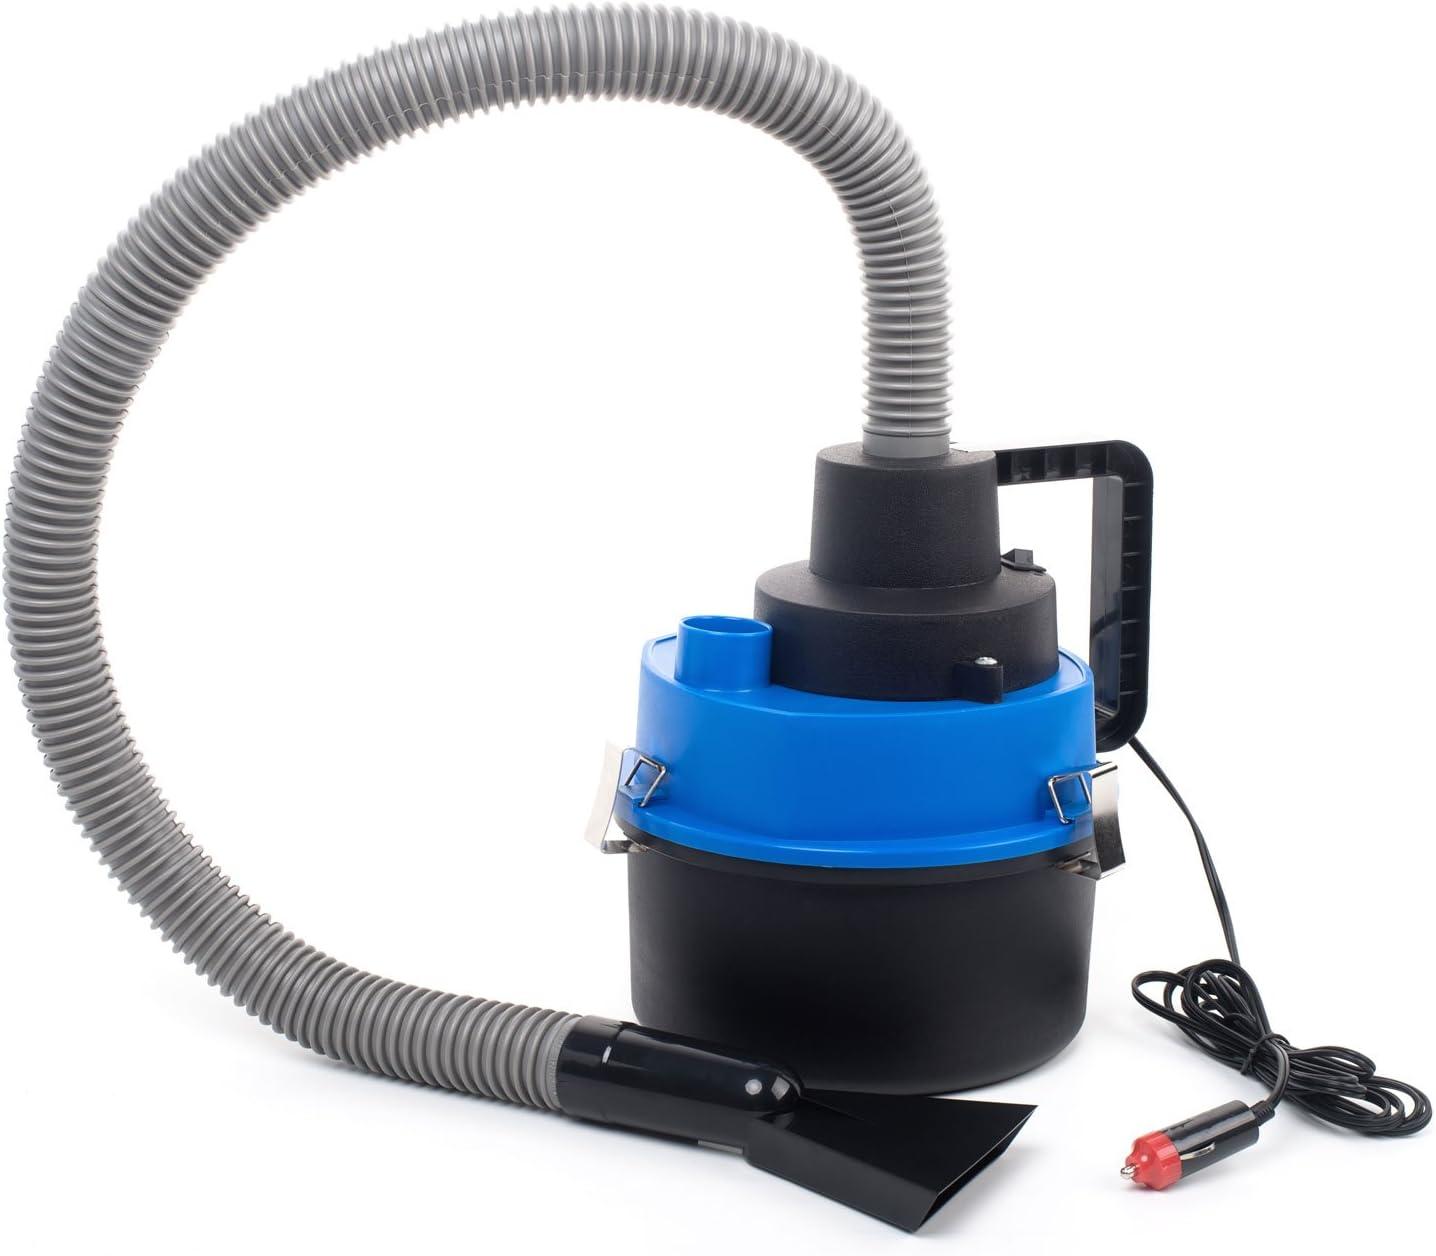 Voiture Van 12 V Aspirateur à main Wet /& Dry Sans Sac Portable Hoover 60 W